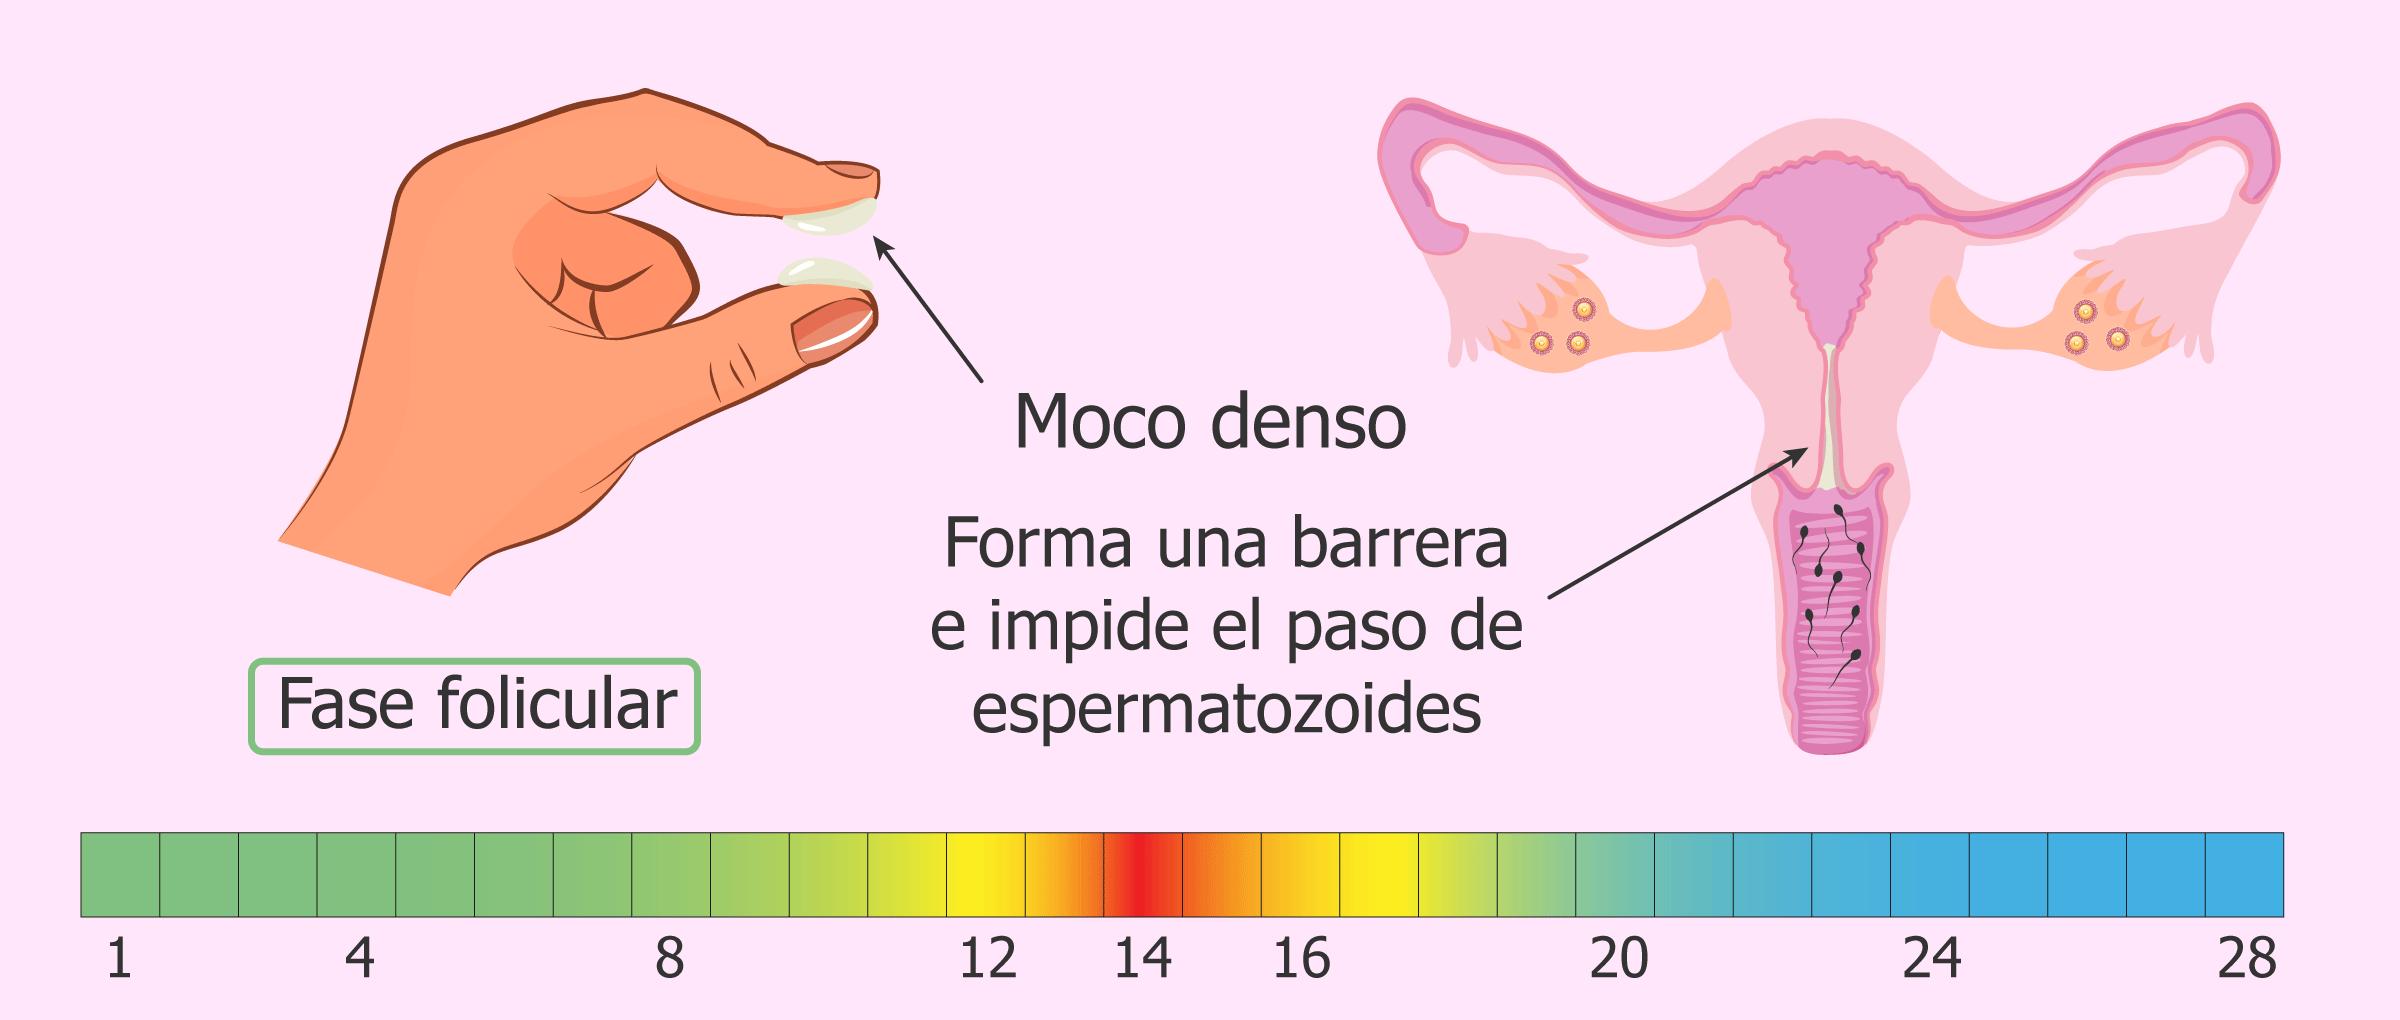 Moco cervical antes de la ovulación